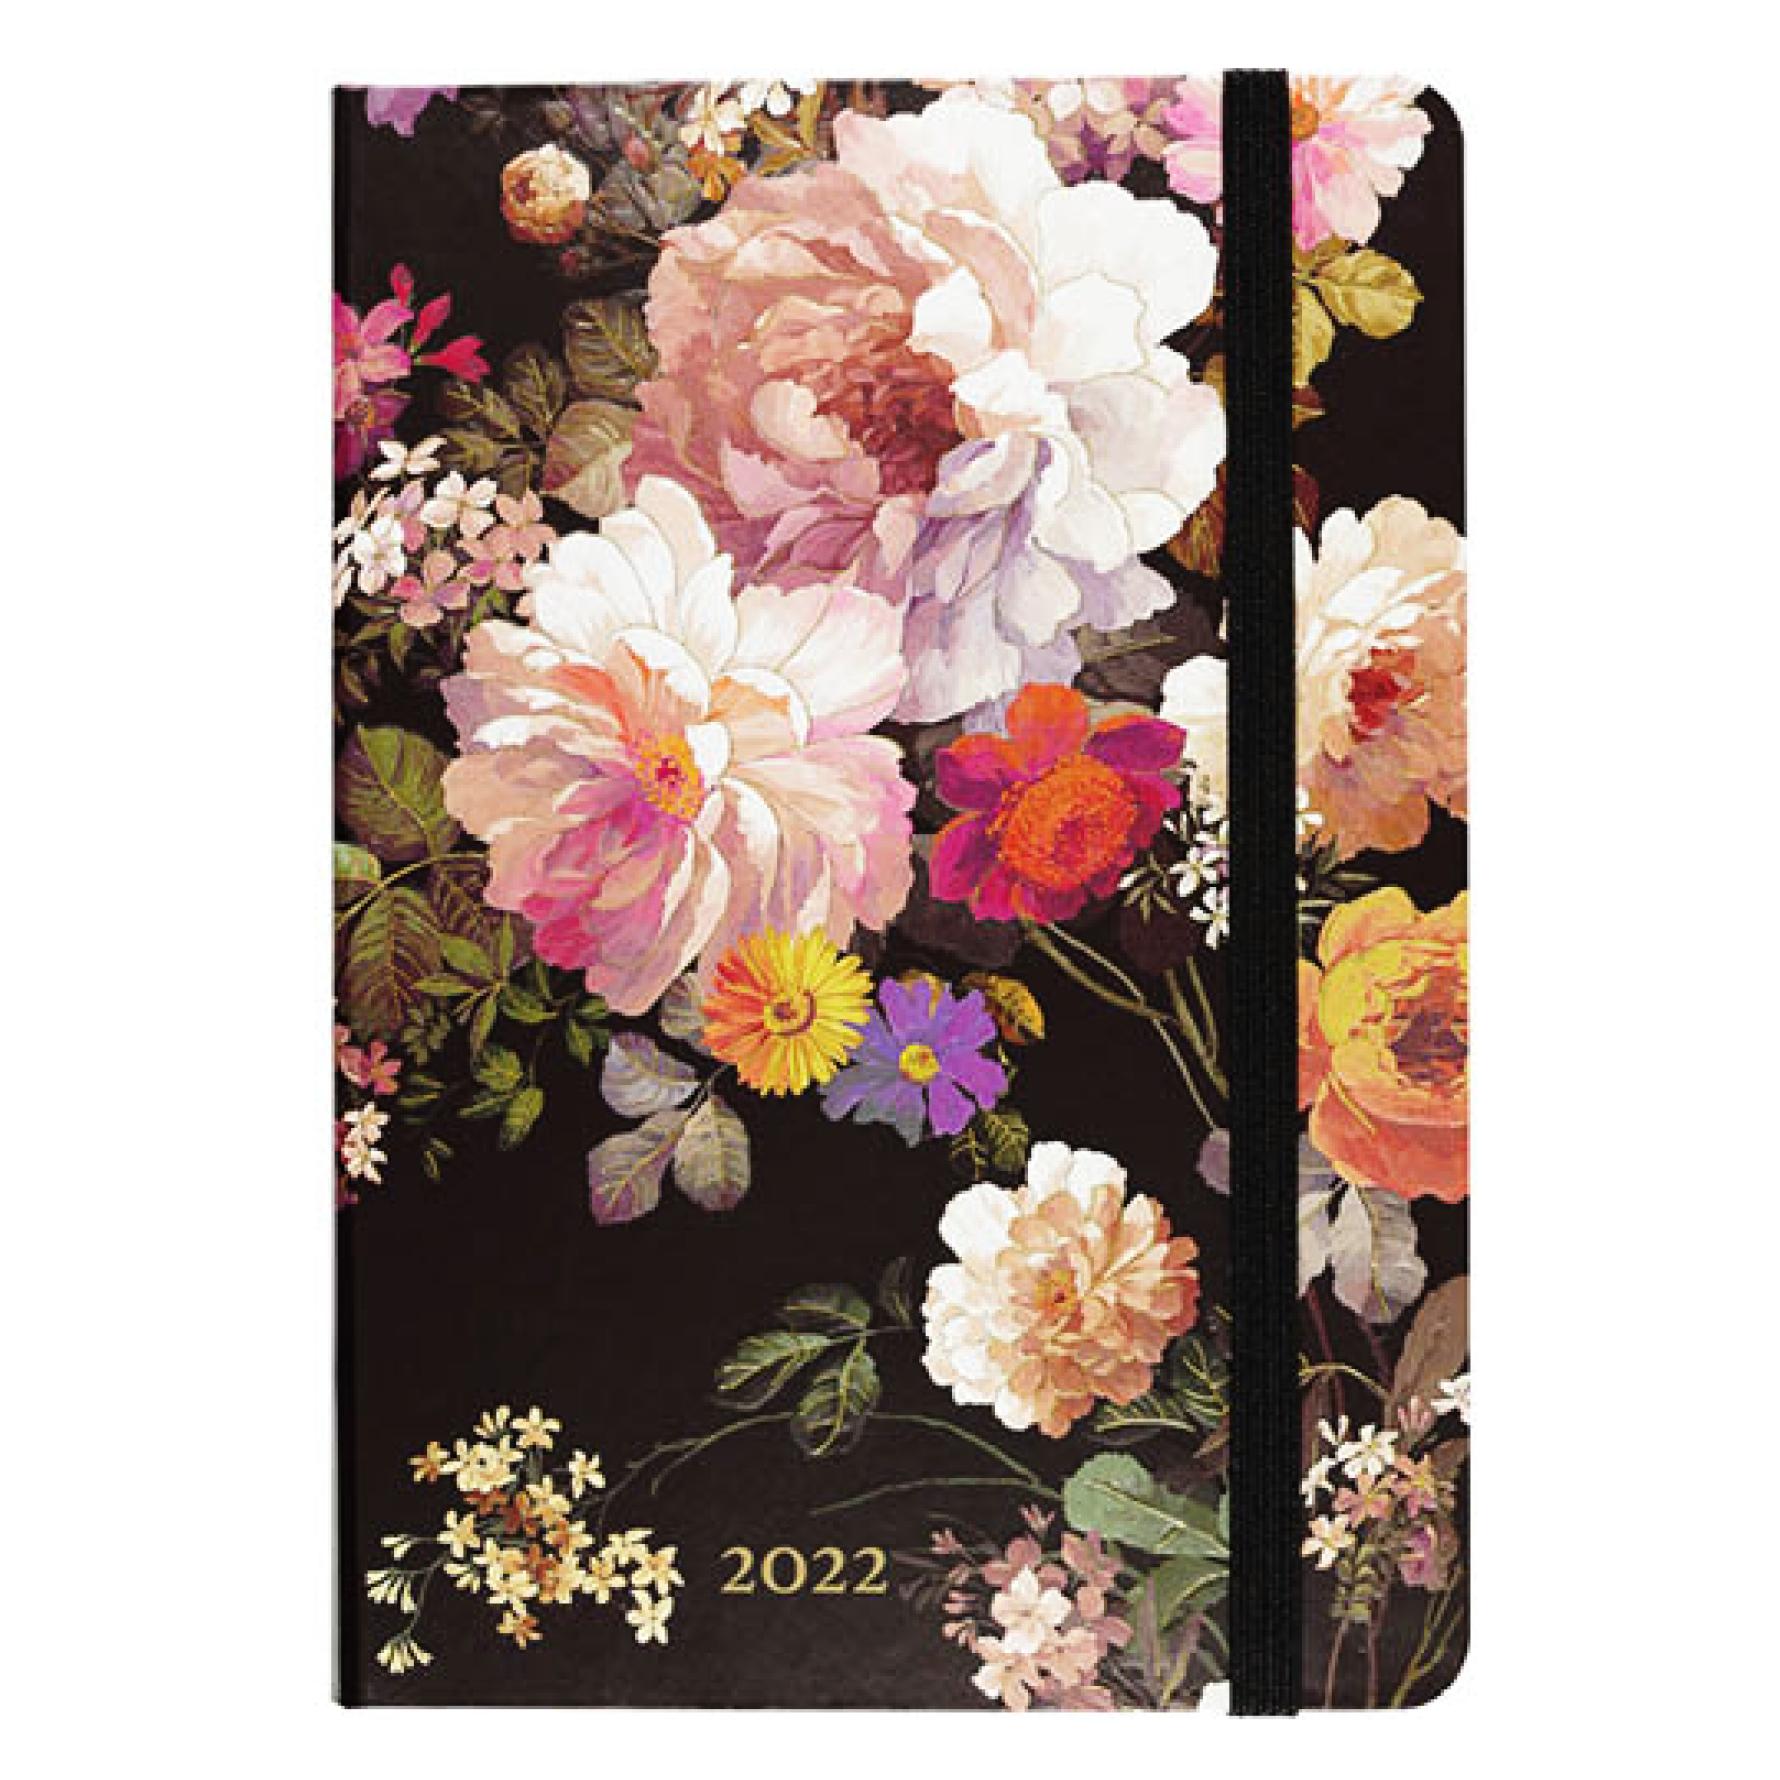 Agenda - 2022 - Compact - 16 Maanden - Nachtelijke bloemen - 12,7x17,8cm - in Agenda's